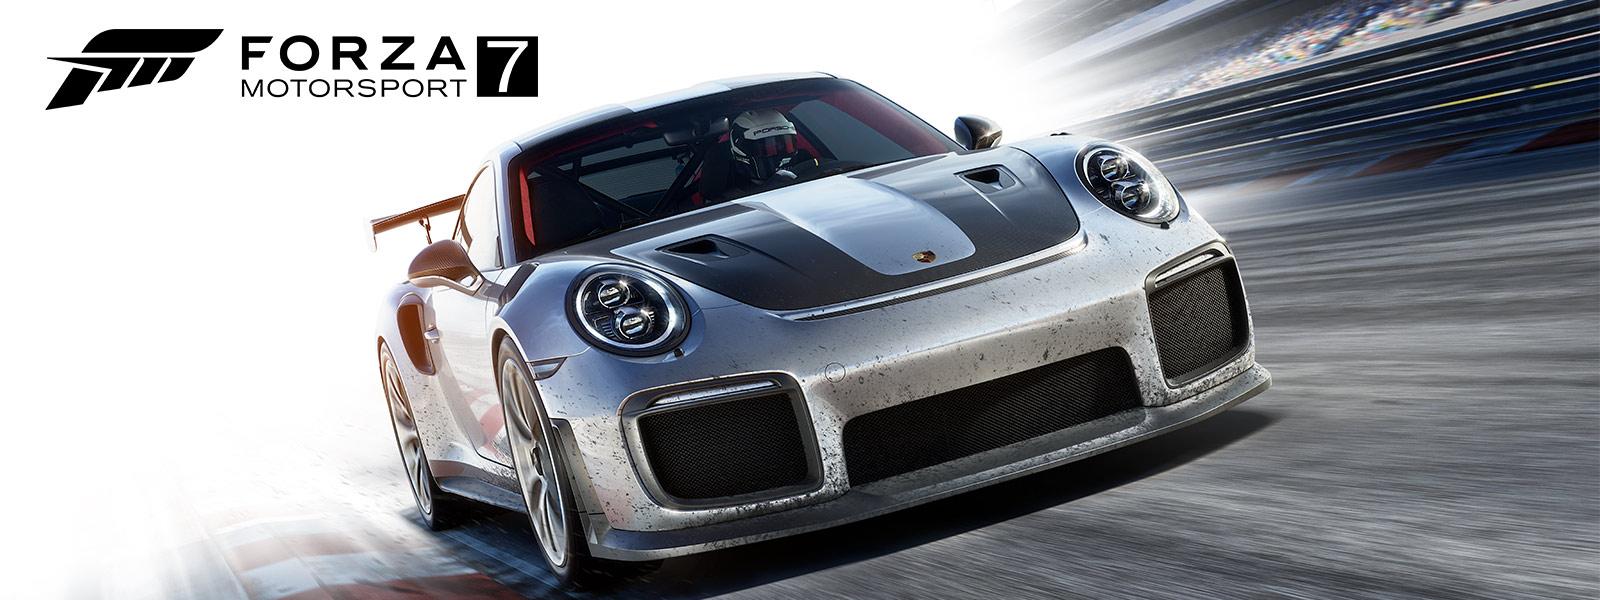 Forza Motorsport 7 oyun ekranı